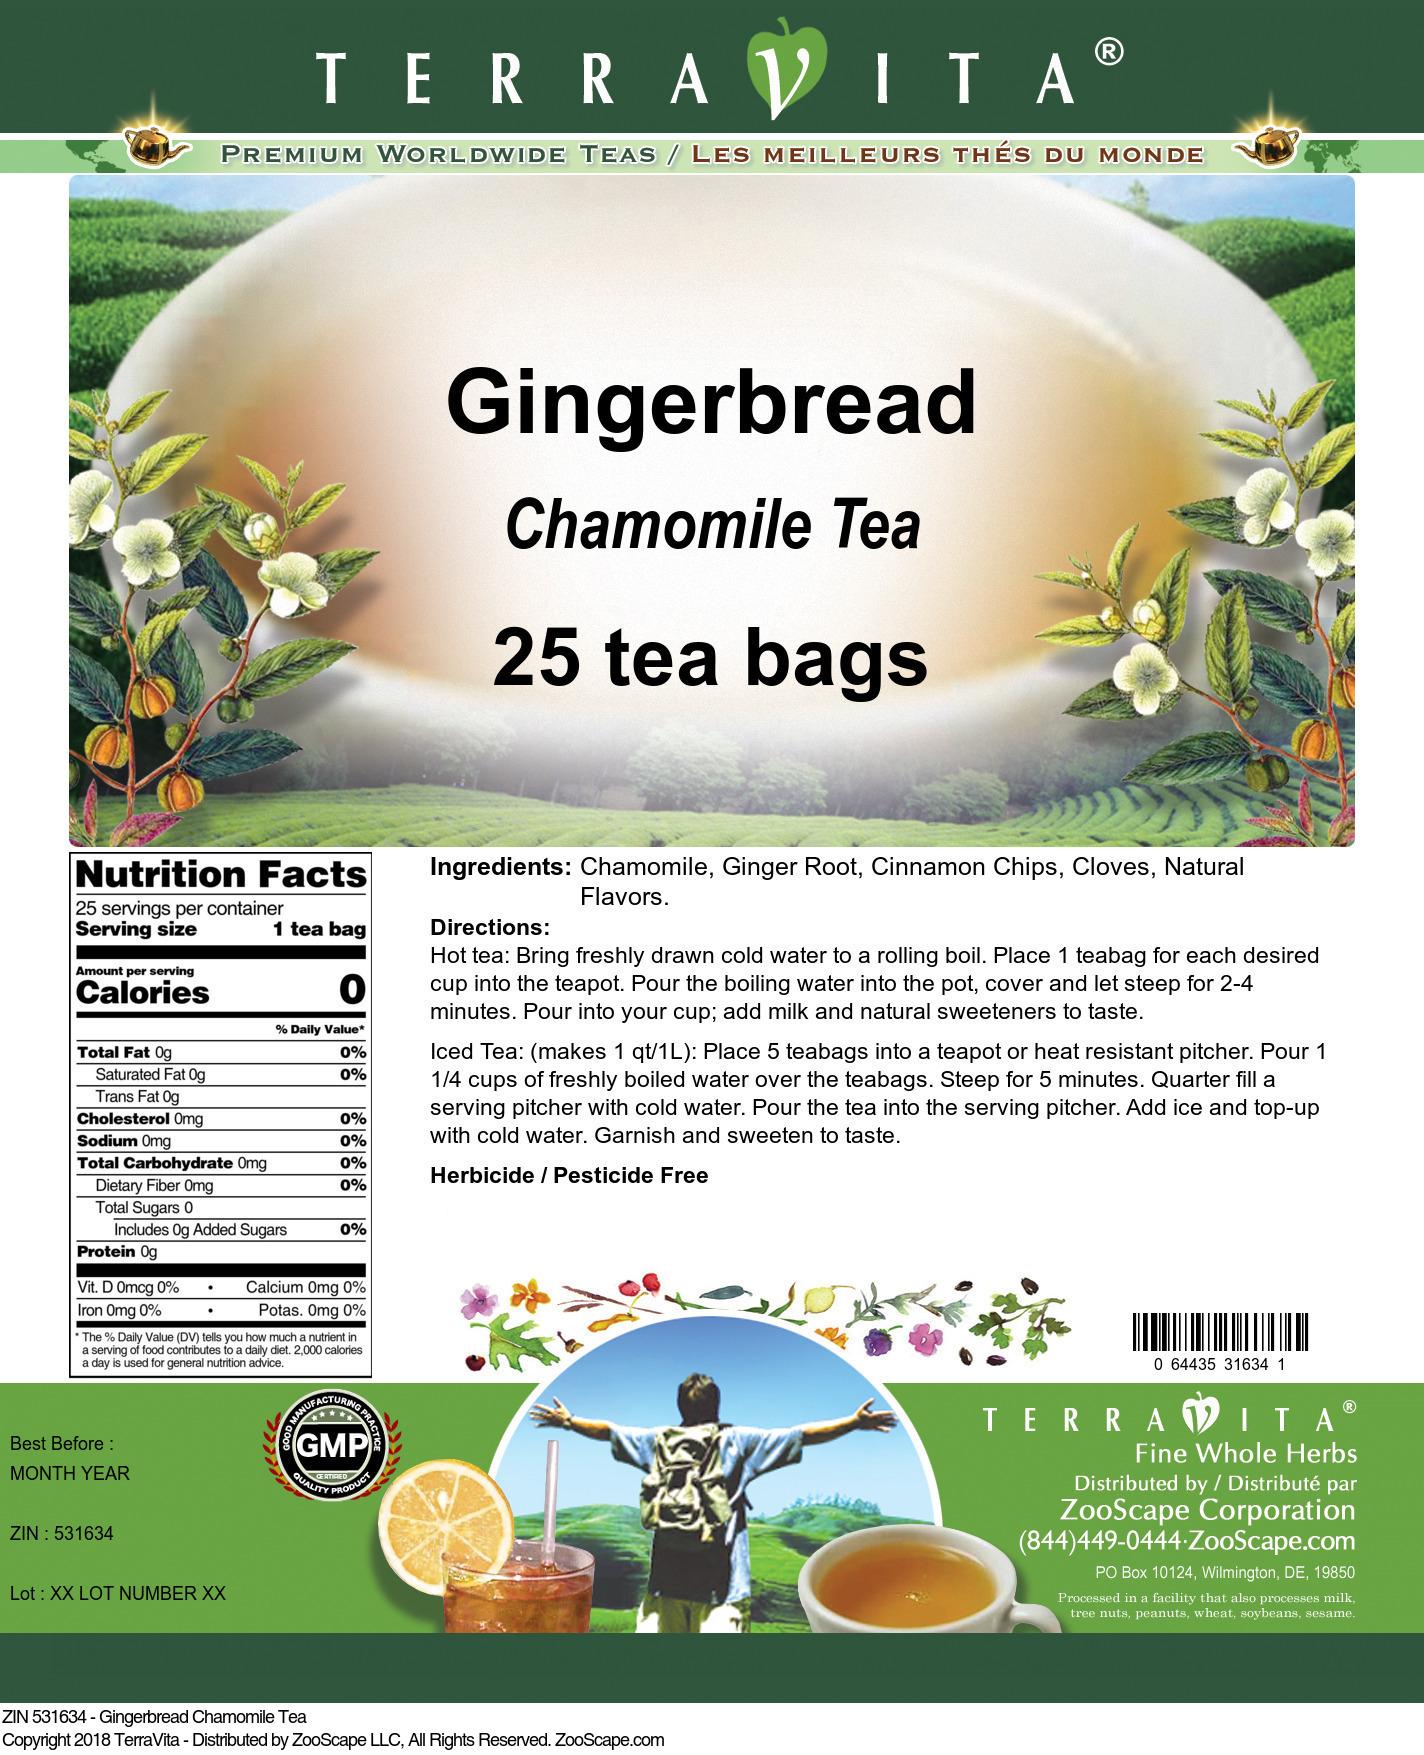 Gingerbread Chamomile Tea